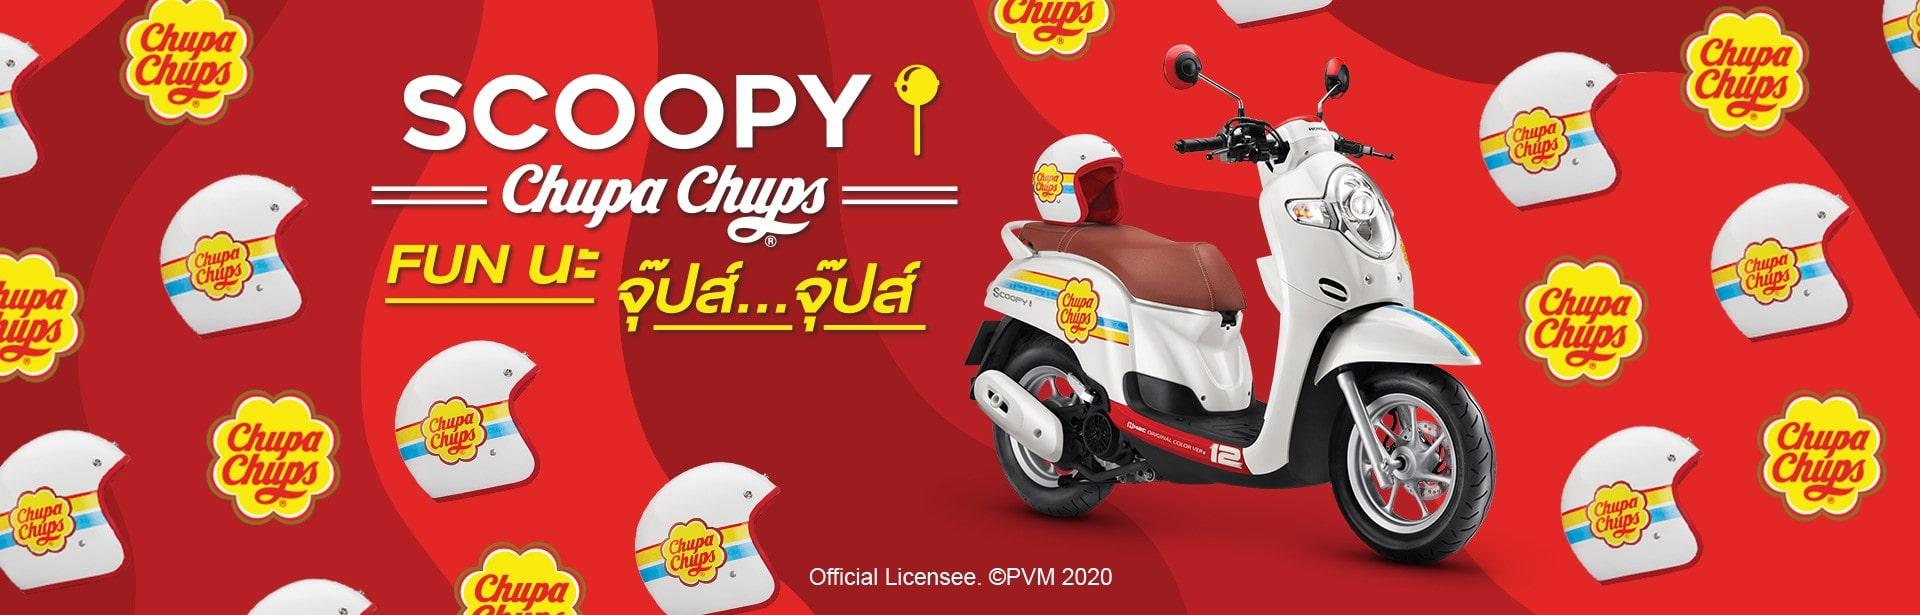 Scoopy i Chupa Chups 2020